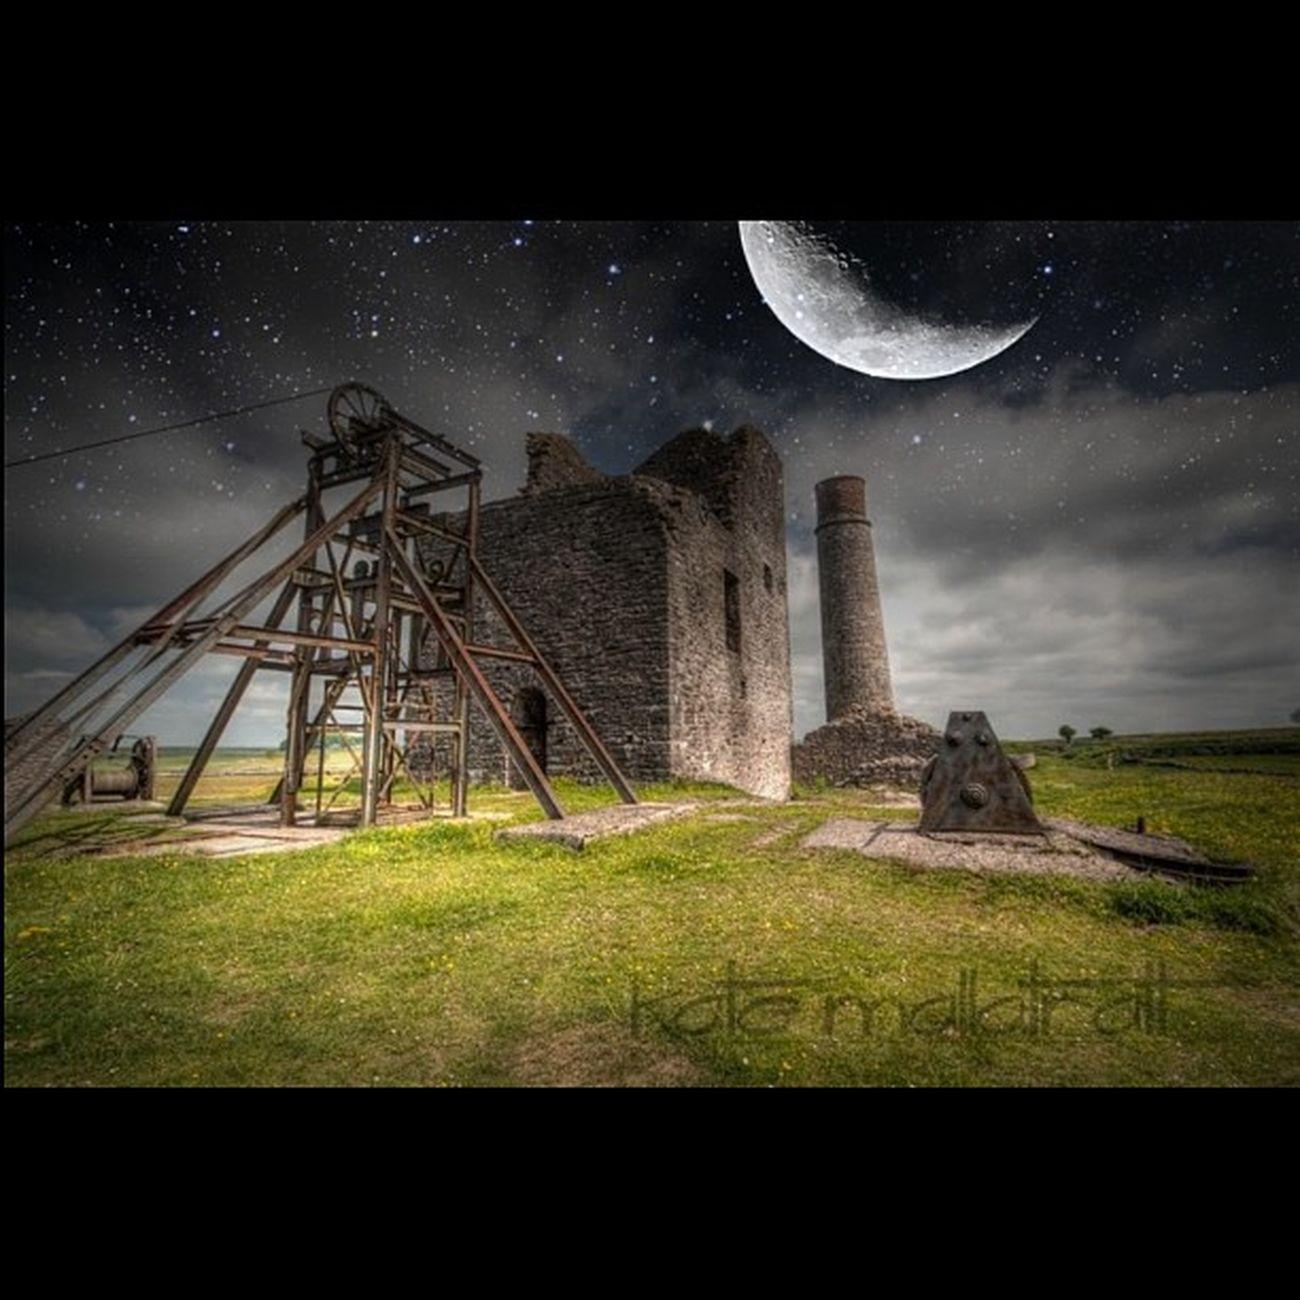 K8marieuk AlienSky Magpiemine Derbyshire Photo365 Photooftheday Mine Canon Eos450d Tamron Tamron10_24 HDR Moon